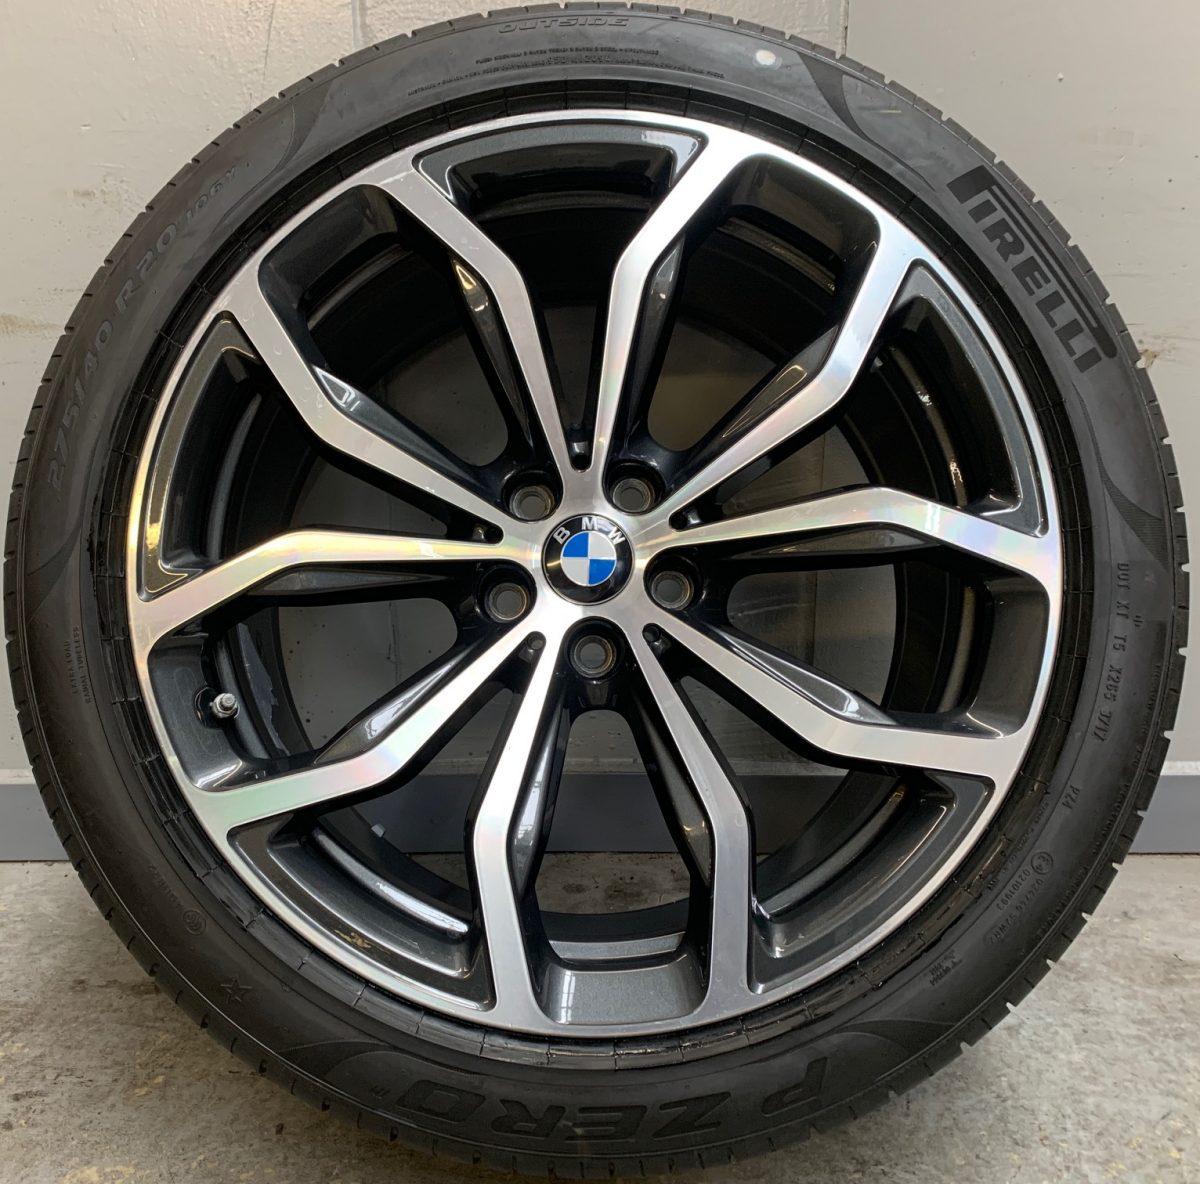 Gyári alufelni BMW X3-X4 G01-G02 (695 Styl) 8X20-9,5X20 5X112 alufelni újszerű nyári garnitúra! Pirelli defekttűrő gumikkal,nyomásszenzorral! 1